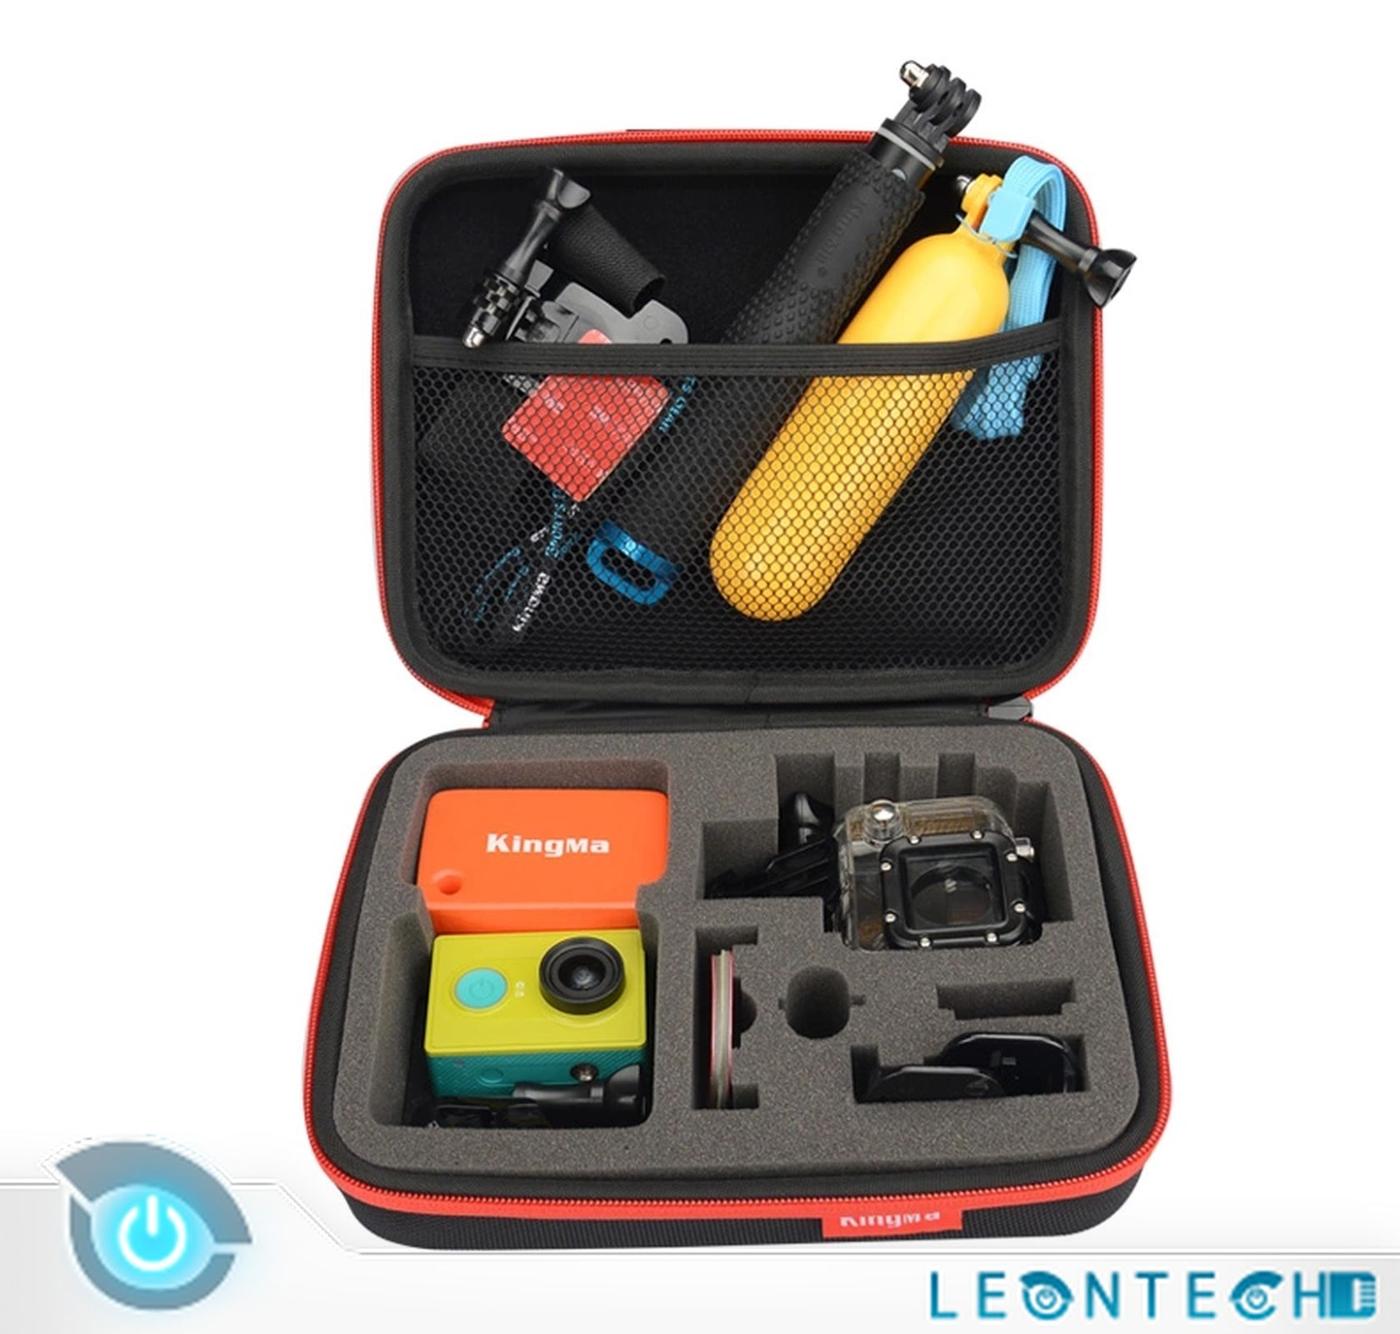 小米運動相機小蟻運動相機配件小蟻相機包小蟻配件gopro收納包